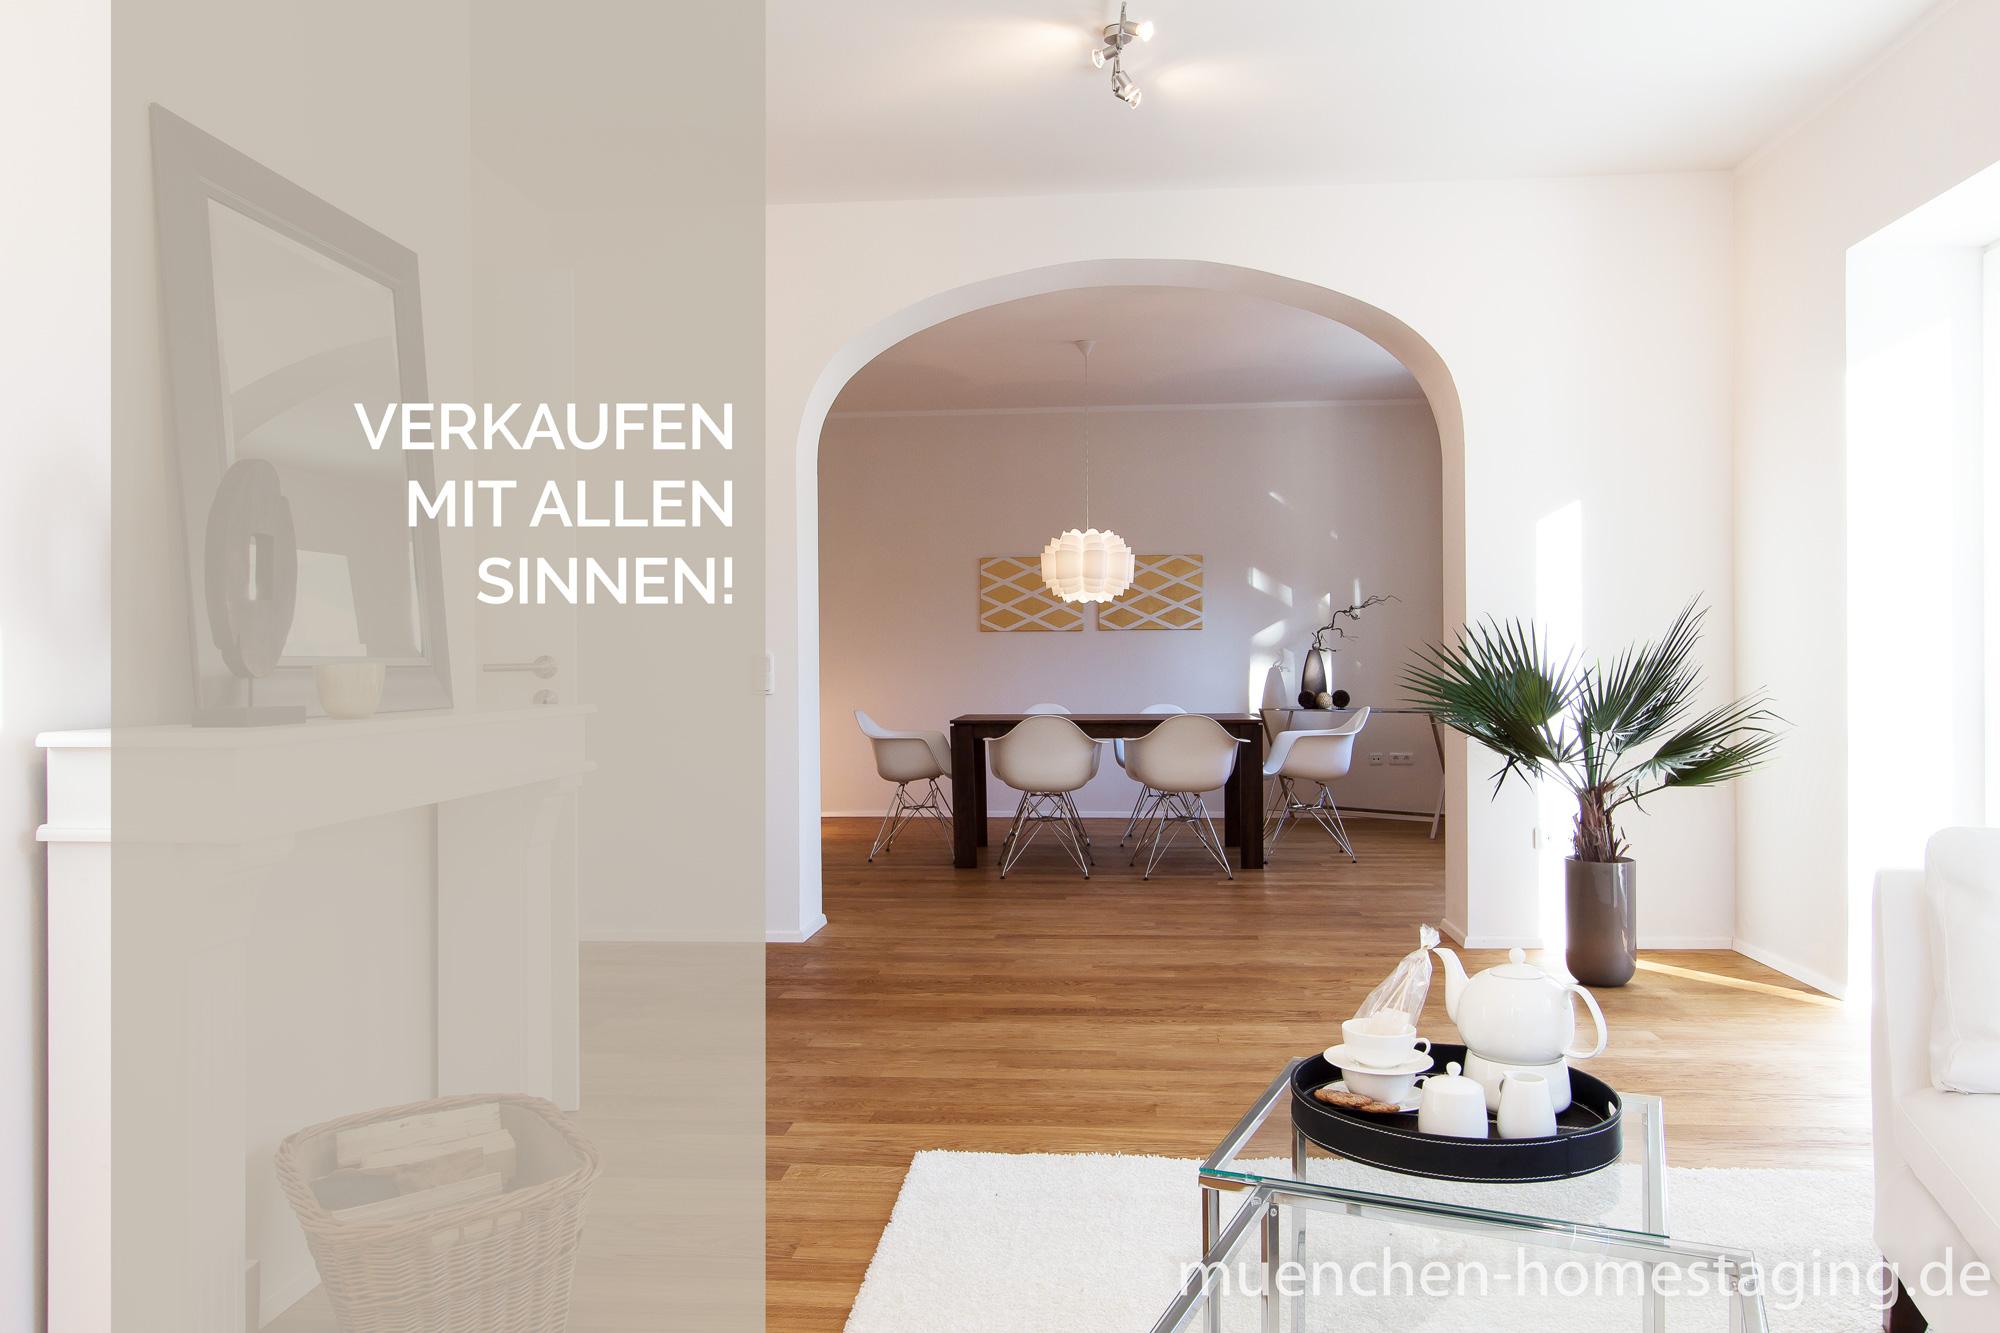 Münchner Home Staging Agentur – Verkaufen mit allen Sinnen